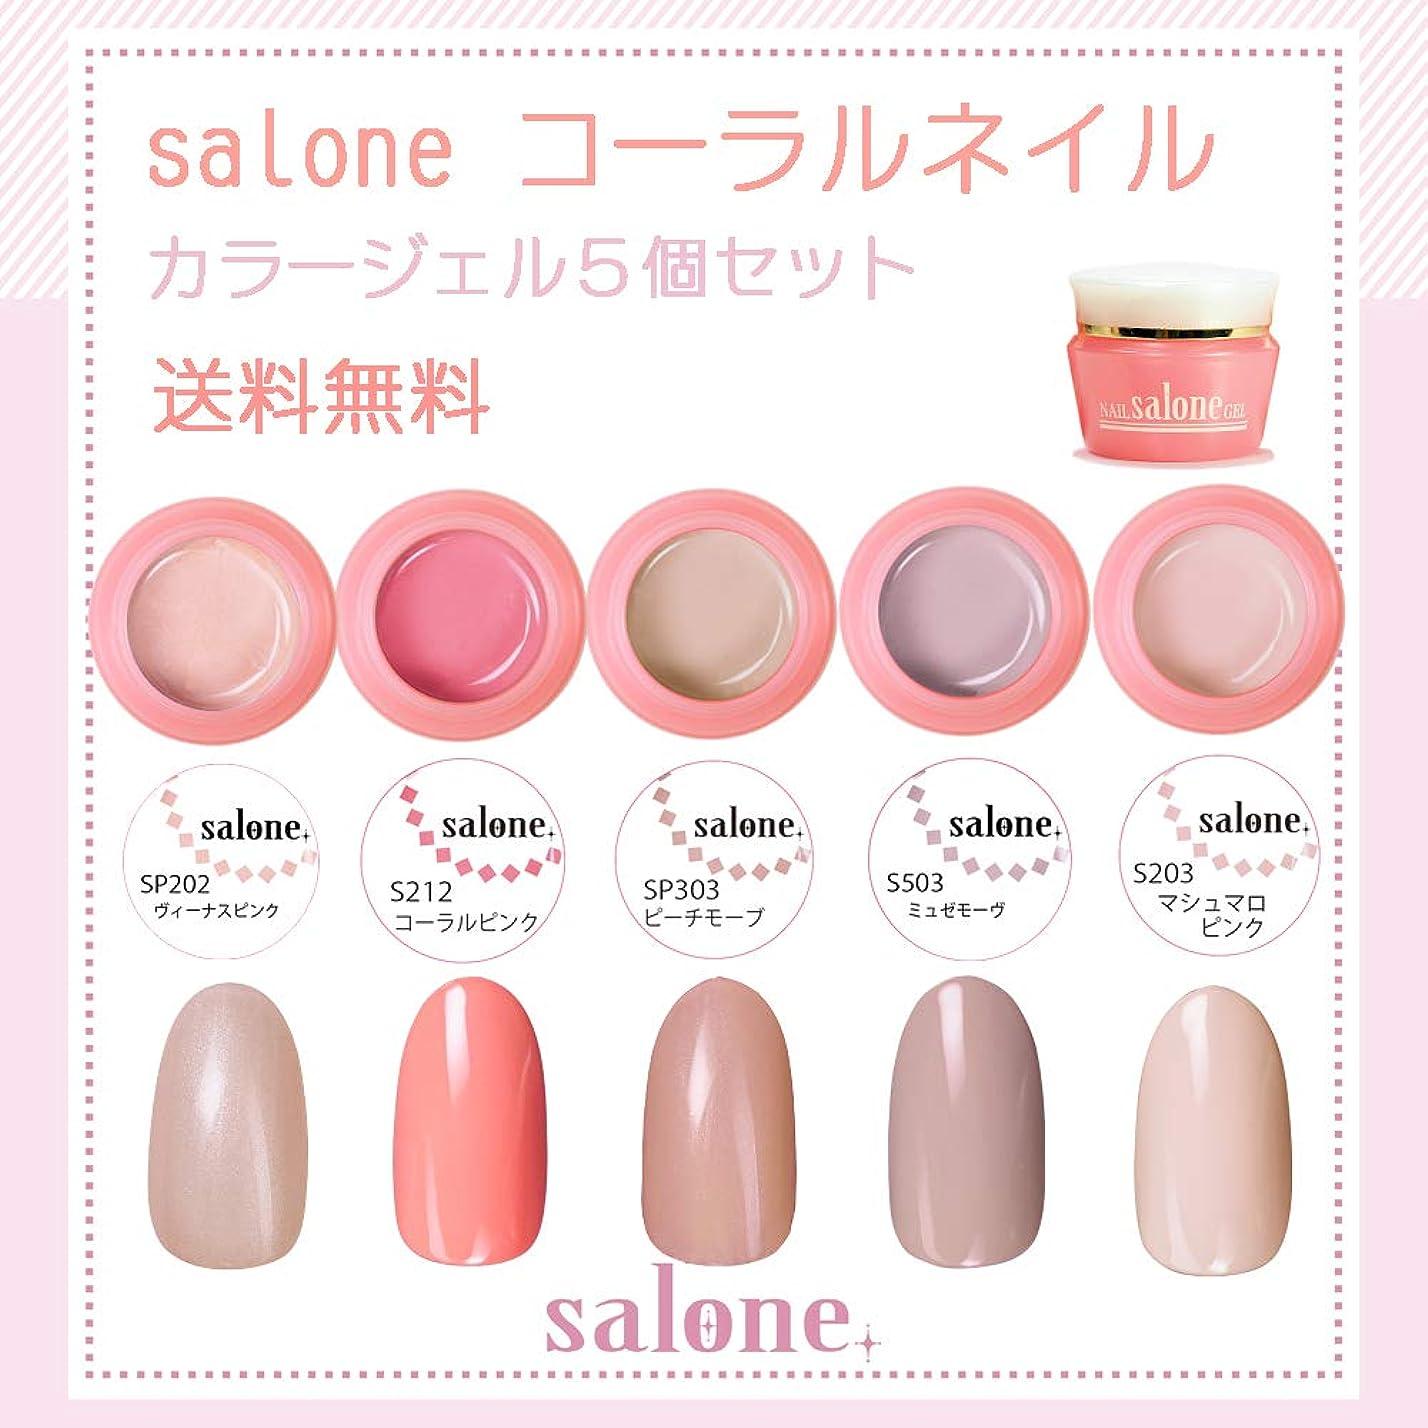 離す最大化する警戒【送料無料 日本製】Salone コーラルネイル カラージェル5個セット 明るくて肌なじみの良い人気カラーをチョイスしました。